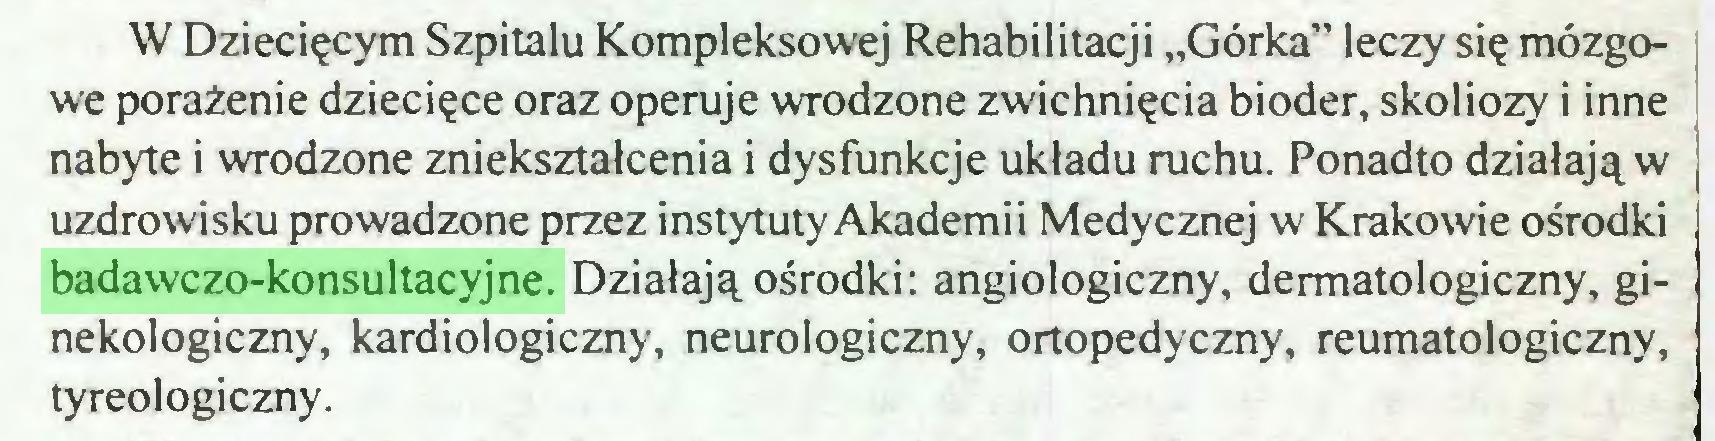 """(...) W Dziecięcym Szpitalu Kompleksowej Rehabilitacji """"Górka"""" leczy się mózgowe porażenie dziecięce oraz operuje wrodzone zwichnięcia bioder, skoliozy i inne nabyte i wrodzone zniekształcenia i dysfunkcje układu ruchu. Ponadto działają w uzdrowisku prowadzone przez instytuty Akadem i i Medycznej w Krakowie ośrodki badawczo-konsultacyjne. Działają ośrodki: angiologiczny, dermatologiczny, ginekologiczny, kardiologiczny, neurologiczny, ortopedyczny, reumatologiczny, tyreologiczny..."""